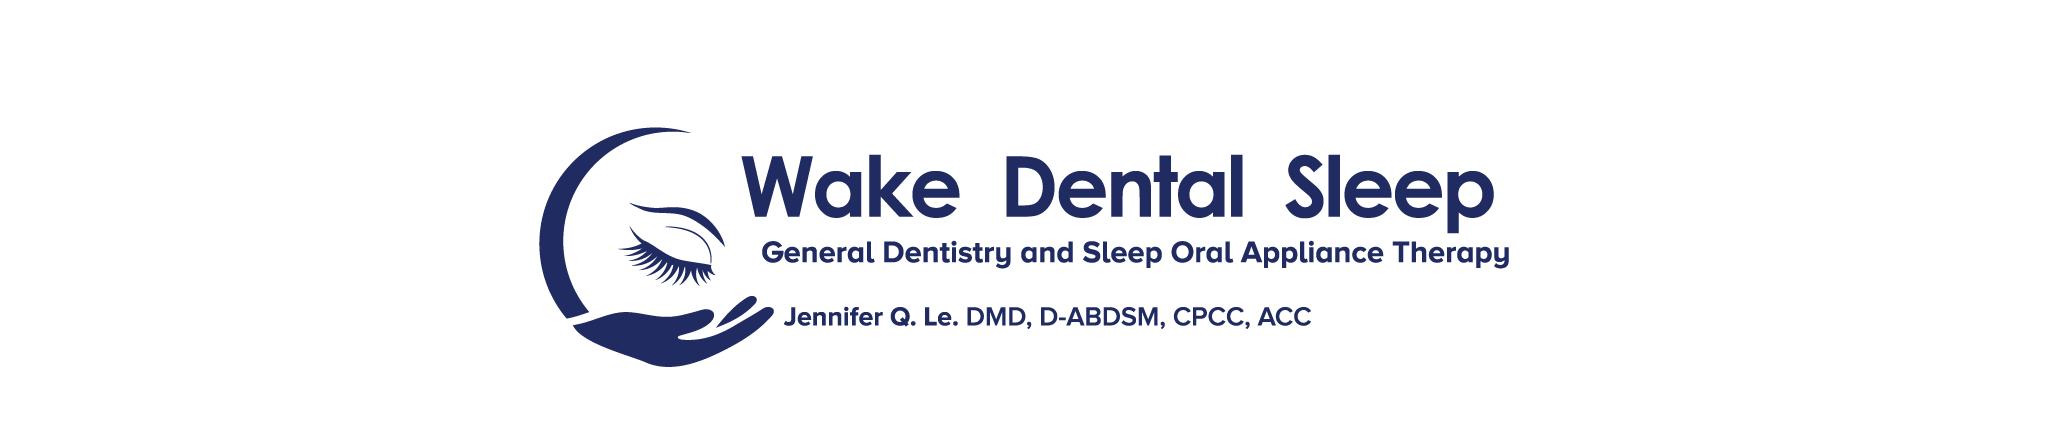 Wake Dental Sleep Dental Logo